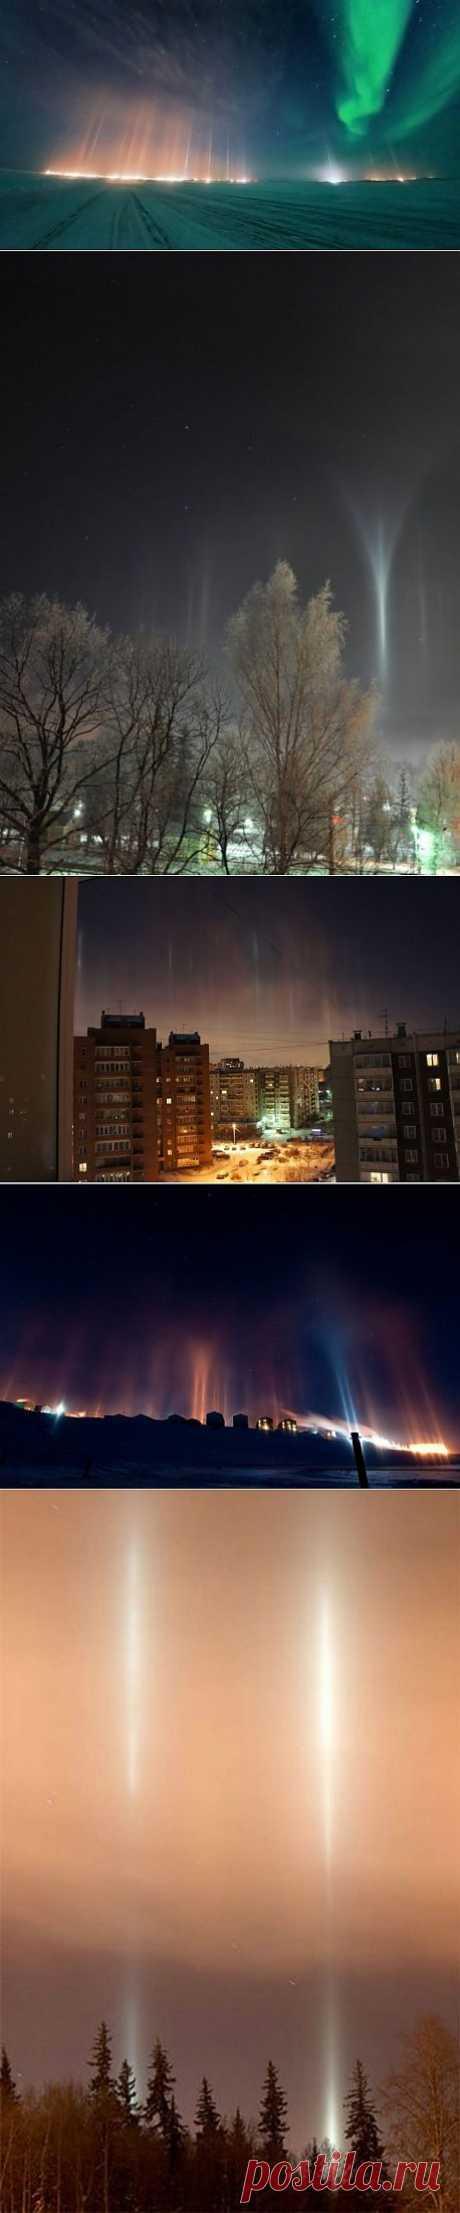 (+1) сообщ - Удивительные световые столбы | ТУРИЗМ И ОТДЫХ